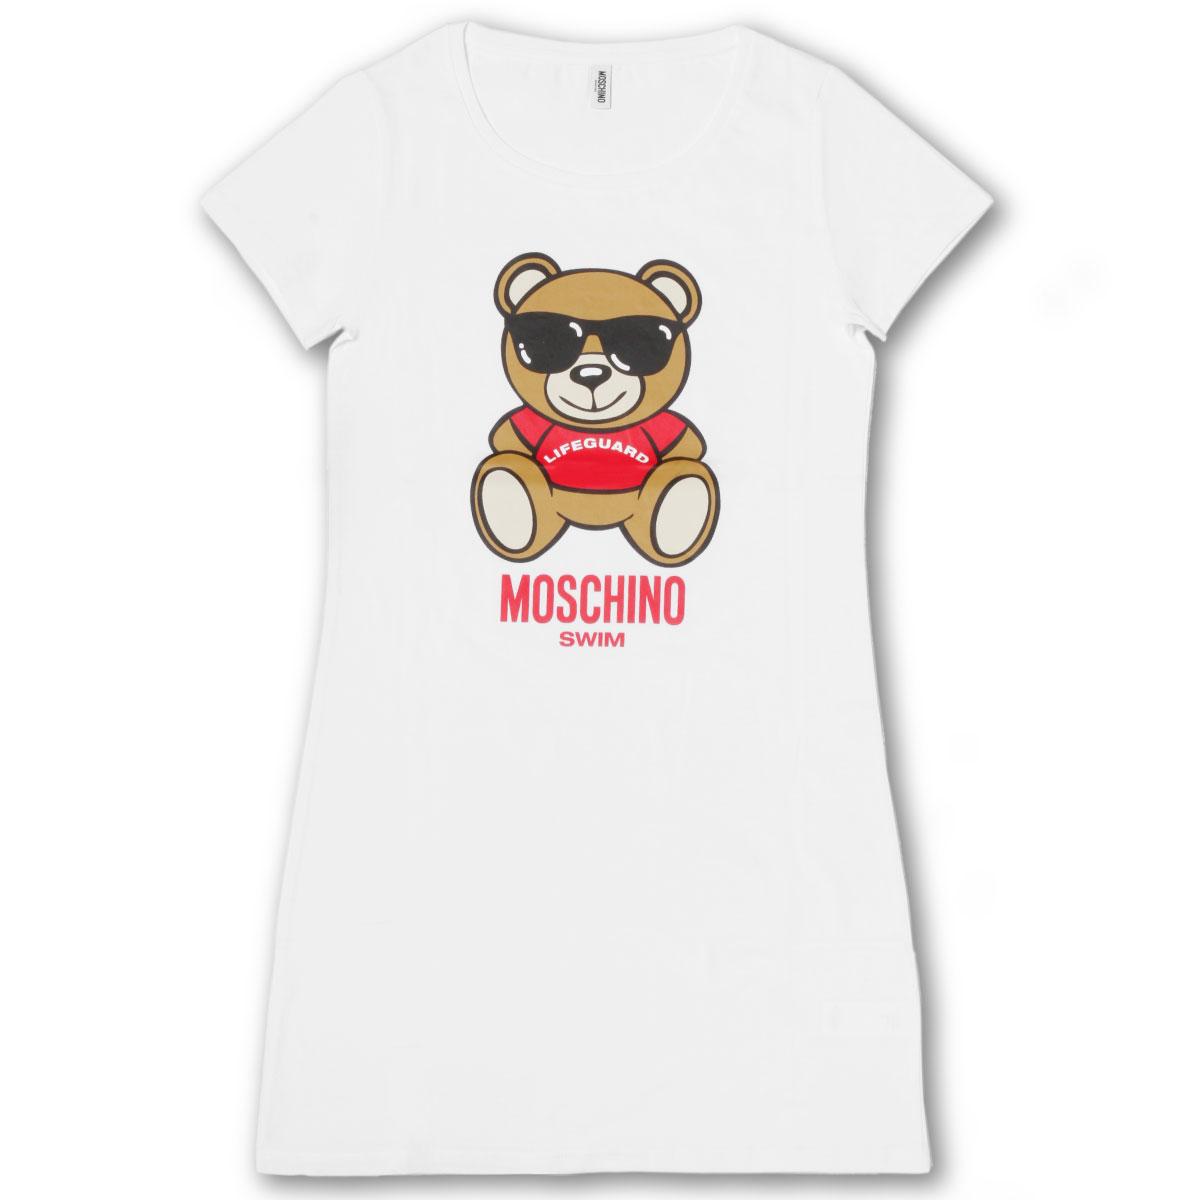 モスキーノ MOSCHINO ワンピース Tシャツ レディース 3911 2104 0001 半袖ワンピース WHITE ホワイト